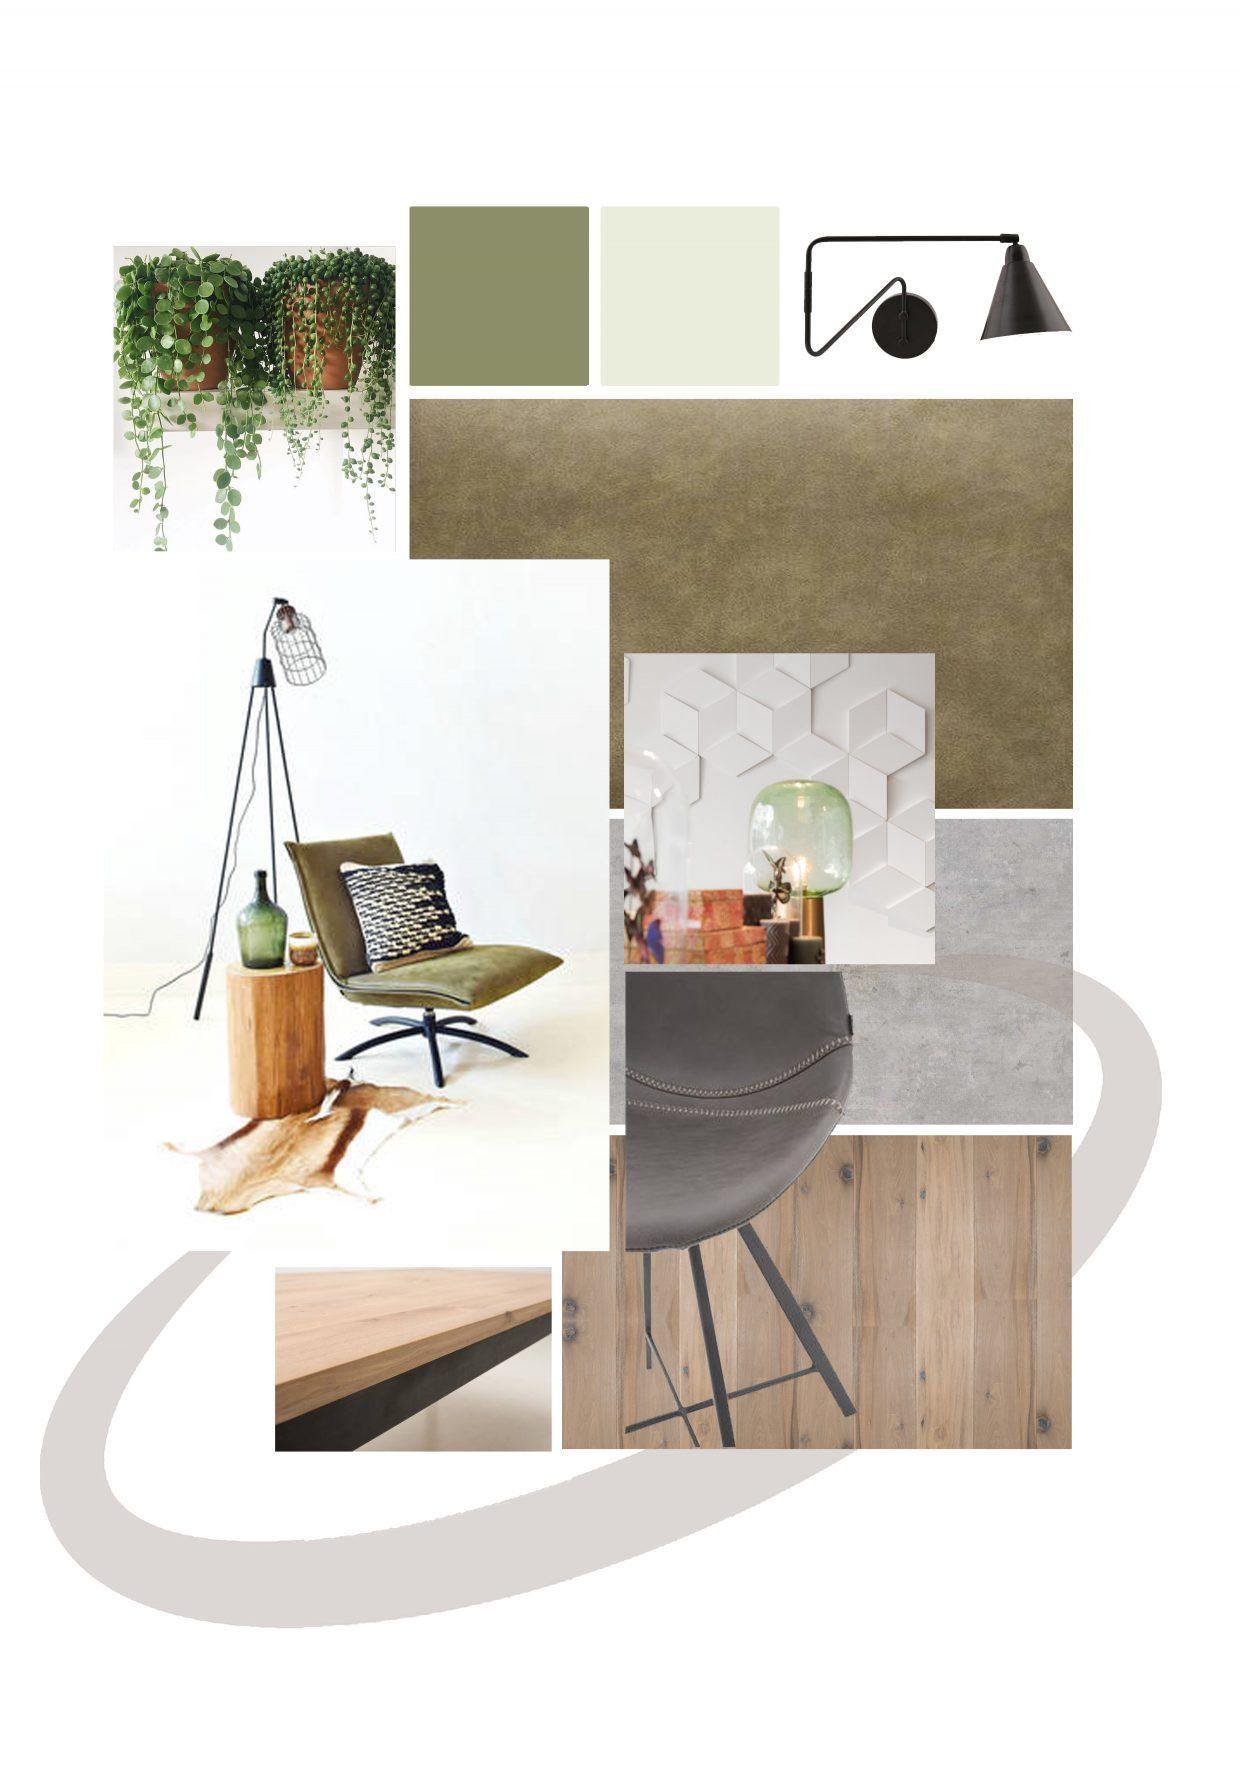 Woonadvies_moodboard_Modern interieur_Thuis Ontwerp